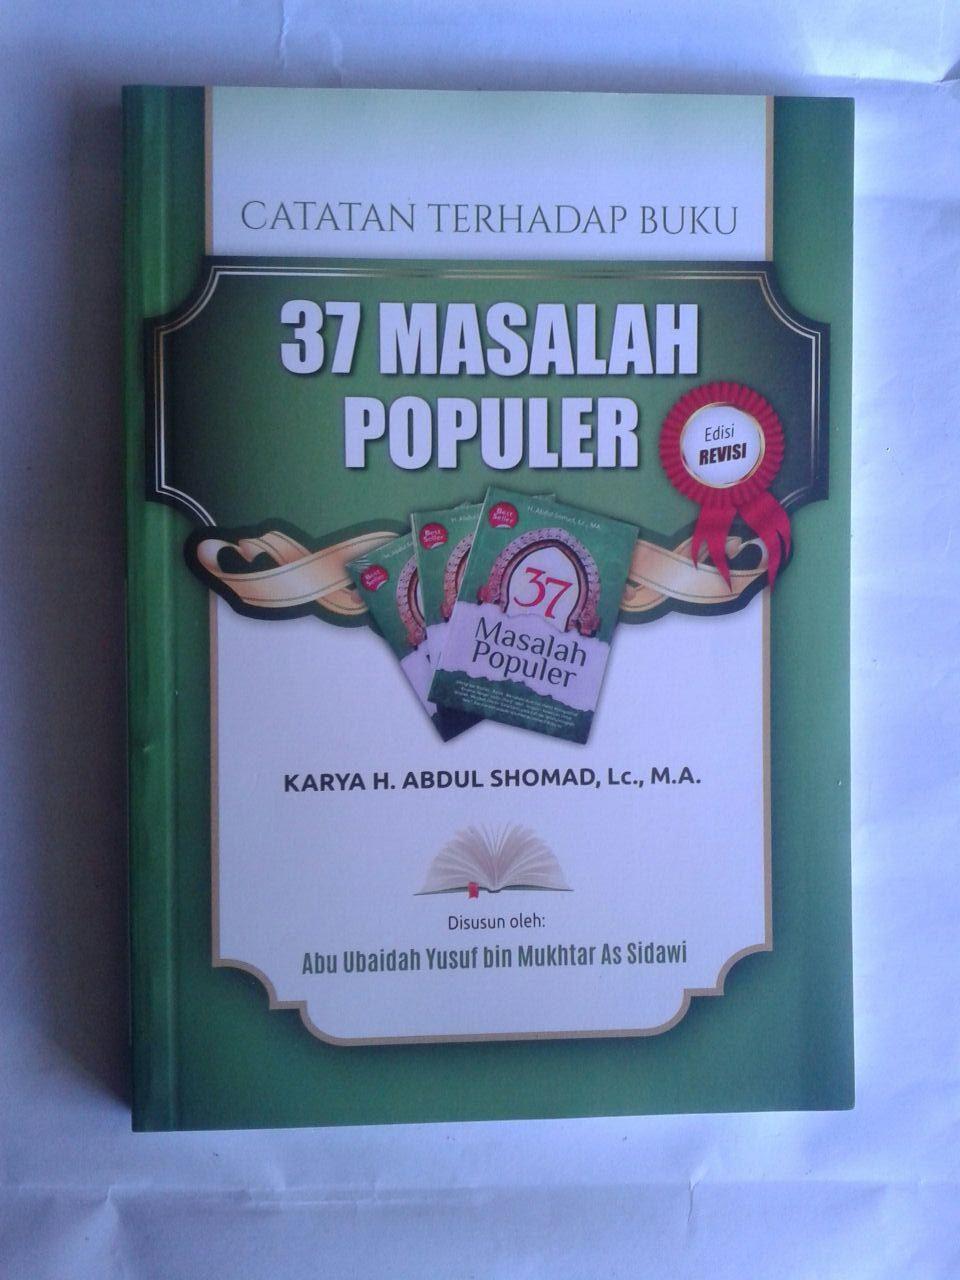 Buku Catatan Terhadap Buku 37 Masalah Populer cover